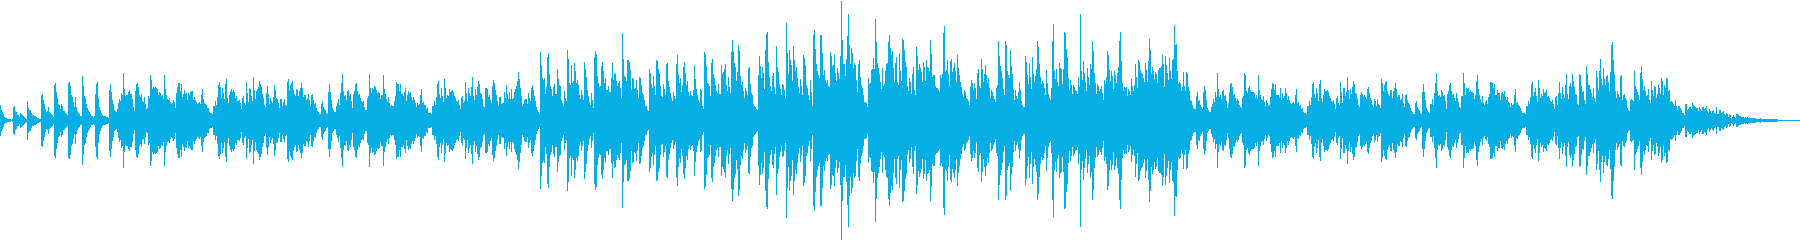 ピアノソロのポップなバラードの再生済みの波形